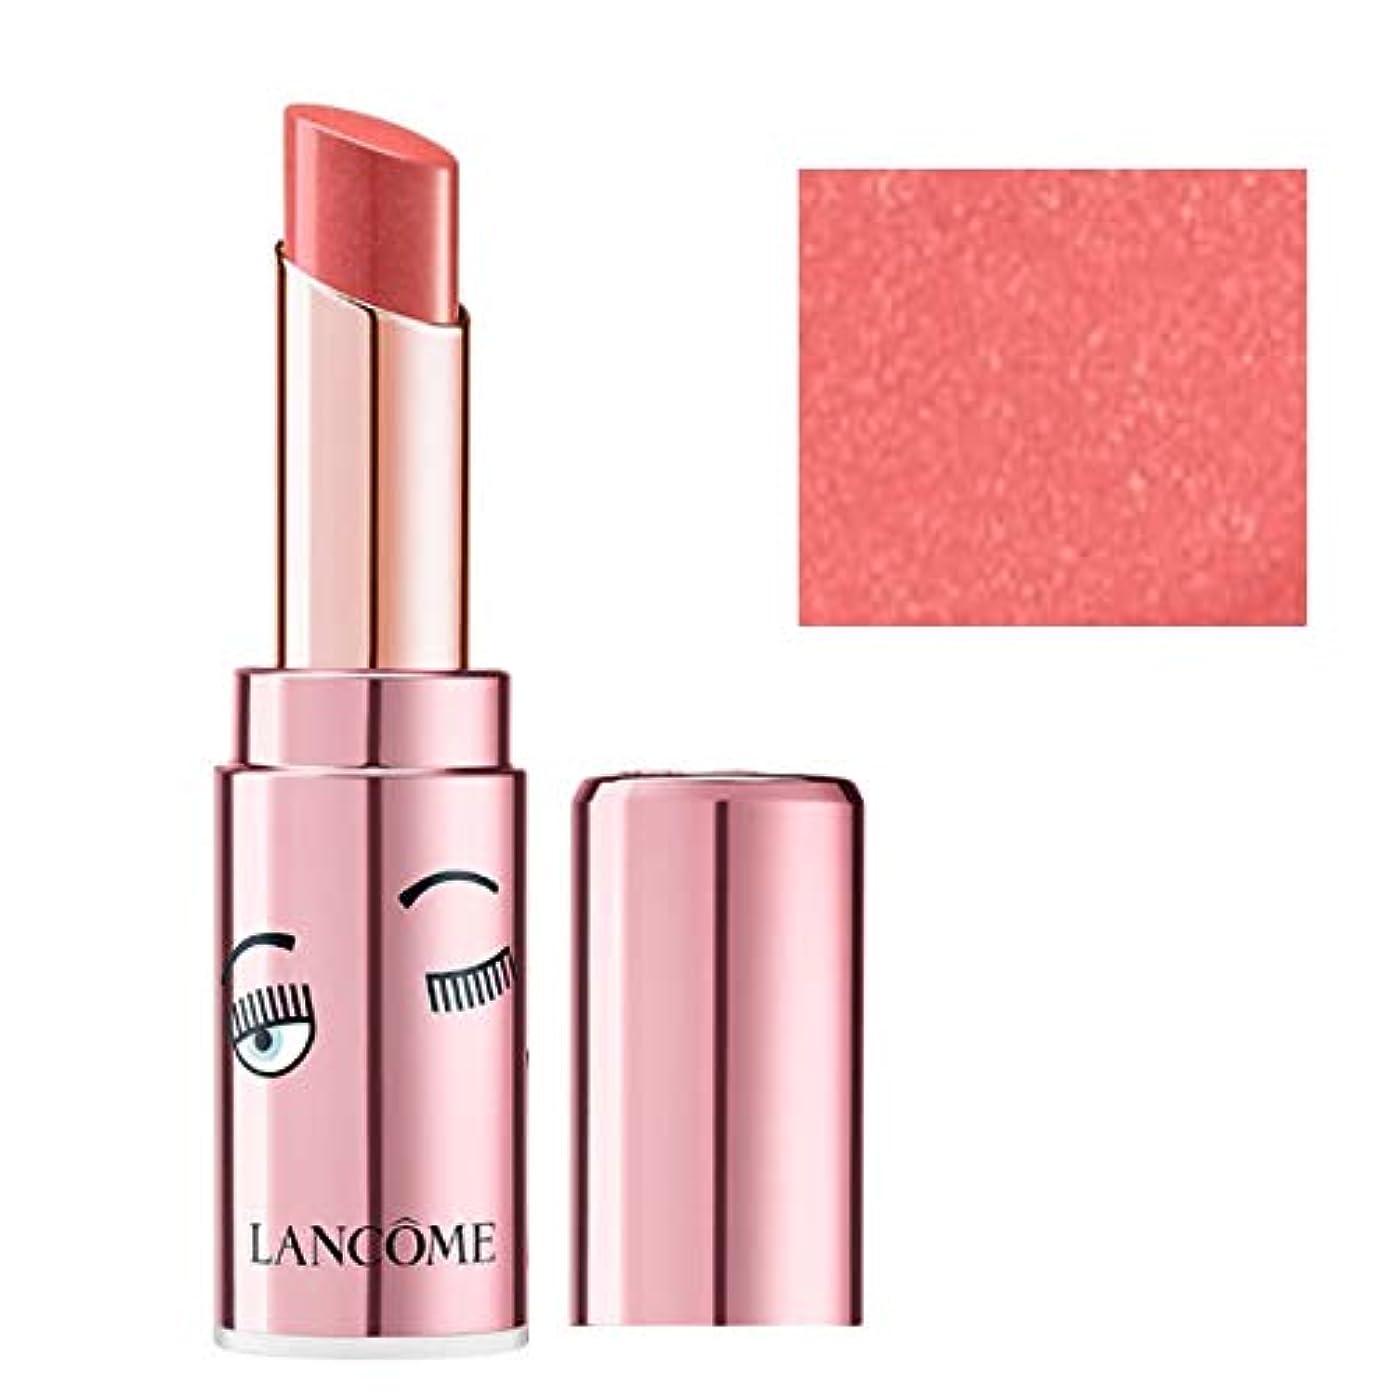 枯渇するあさり種をまくランコム(LANCOME), 限定版 limited-edition, x Chiara Ferragni L'Absolu Mademoiselle Shine Balm Lipstick - Kinda Flirty...